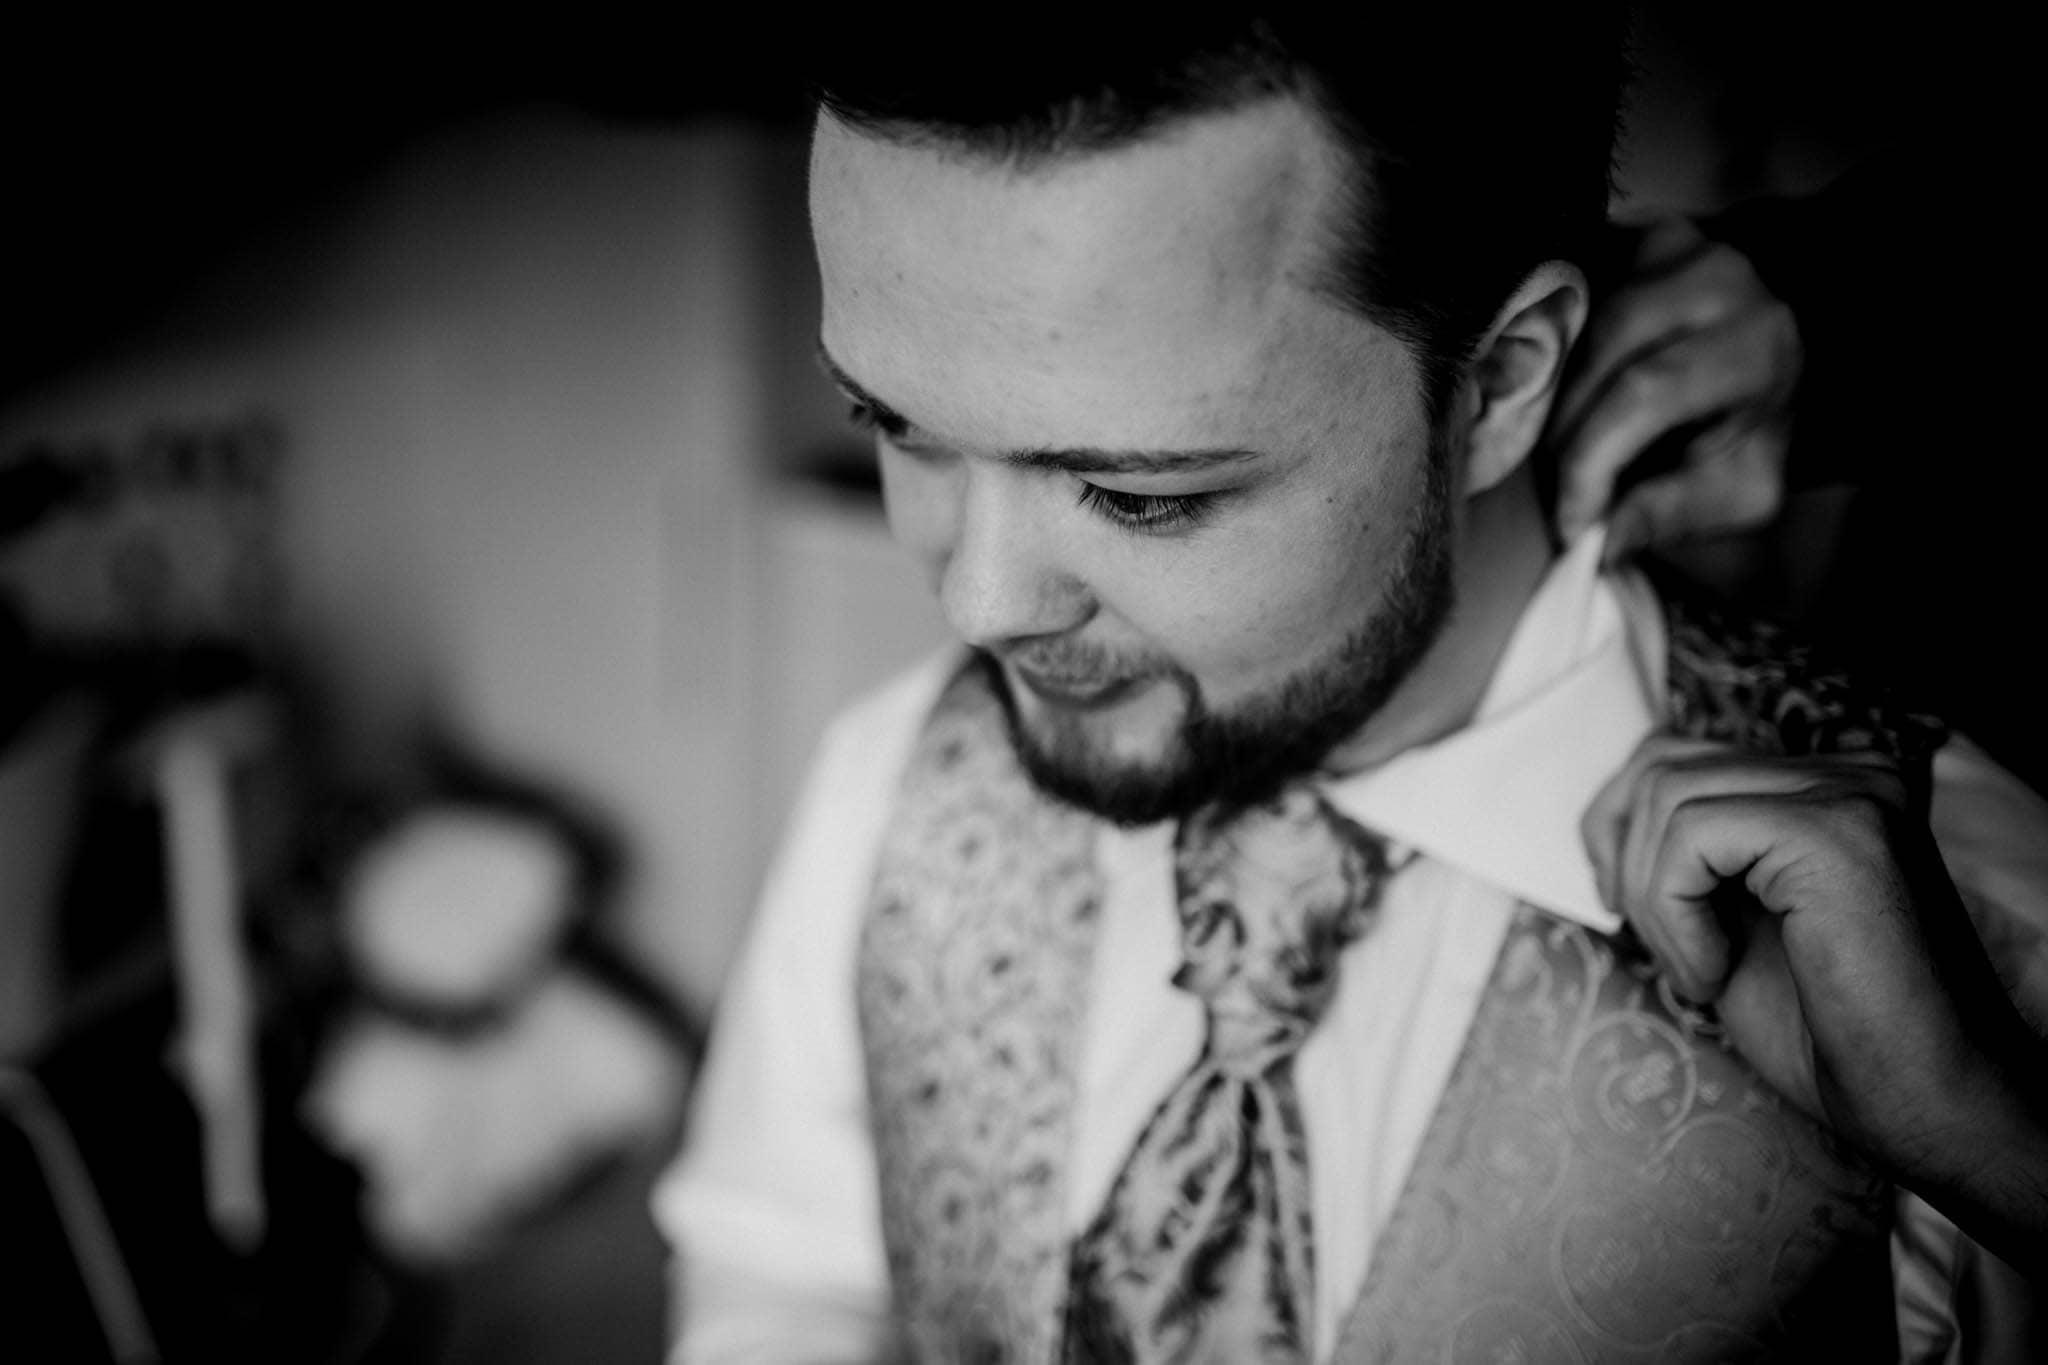 Hochzeitsfieber by Photo-Schomburg, Hochzeitsfotograf, Hamburg, Altona, wedding, Standesamt Altona, Appen, Hochzeitsshooting, Hochzeitstag, Brautpaar-22